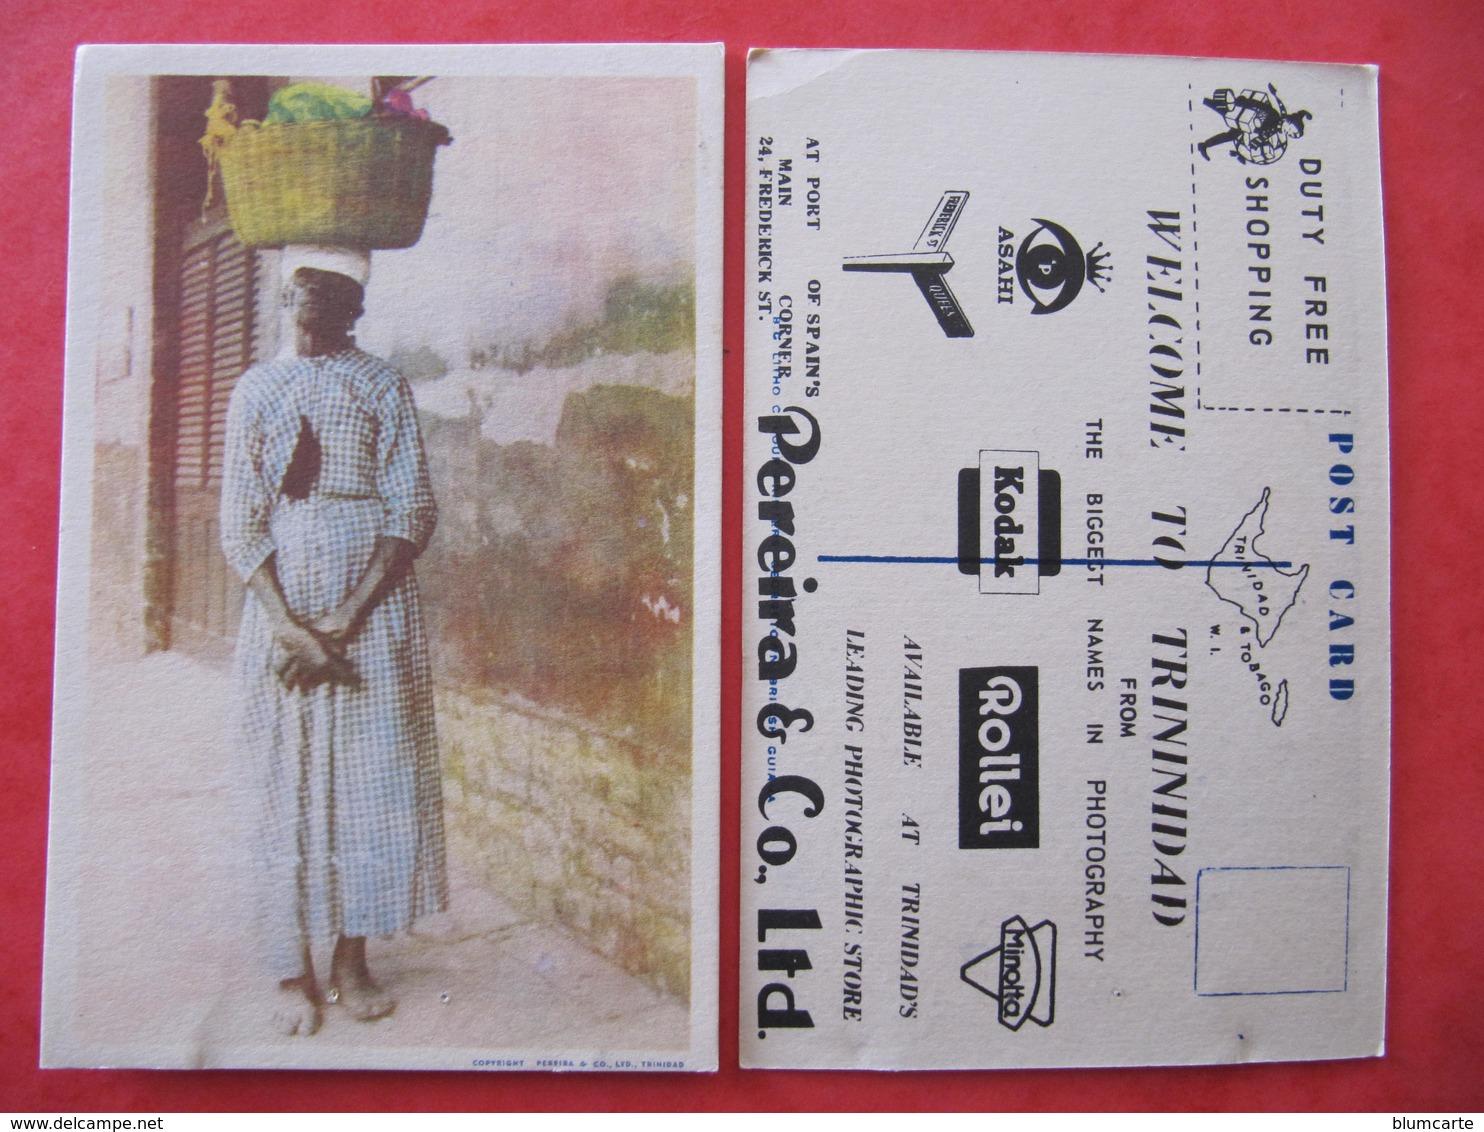 CPSM - TRINIDAD  - WELCOME TO TRININIDAD - PEREIRA & CO LTD - FEMME AVEC PANIER SUR LA TETE - Trinidad